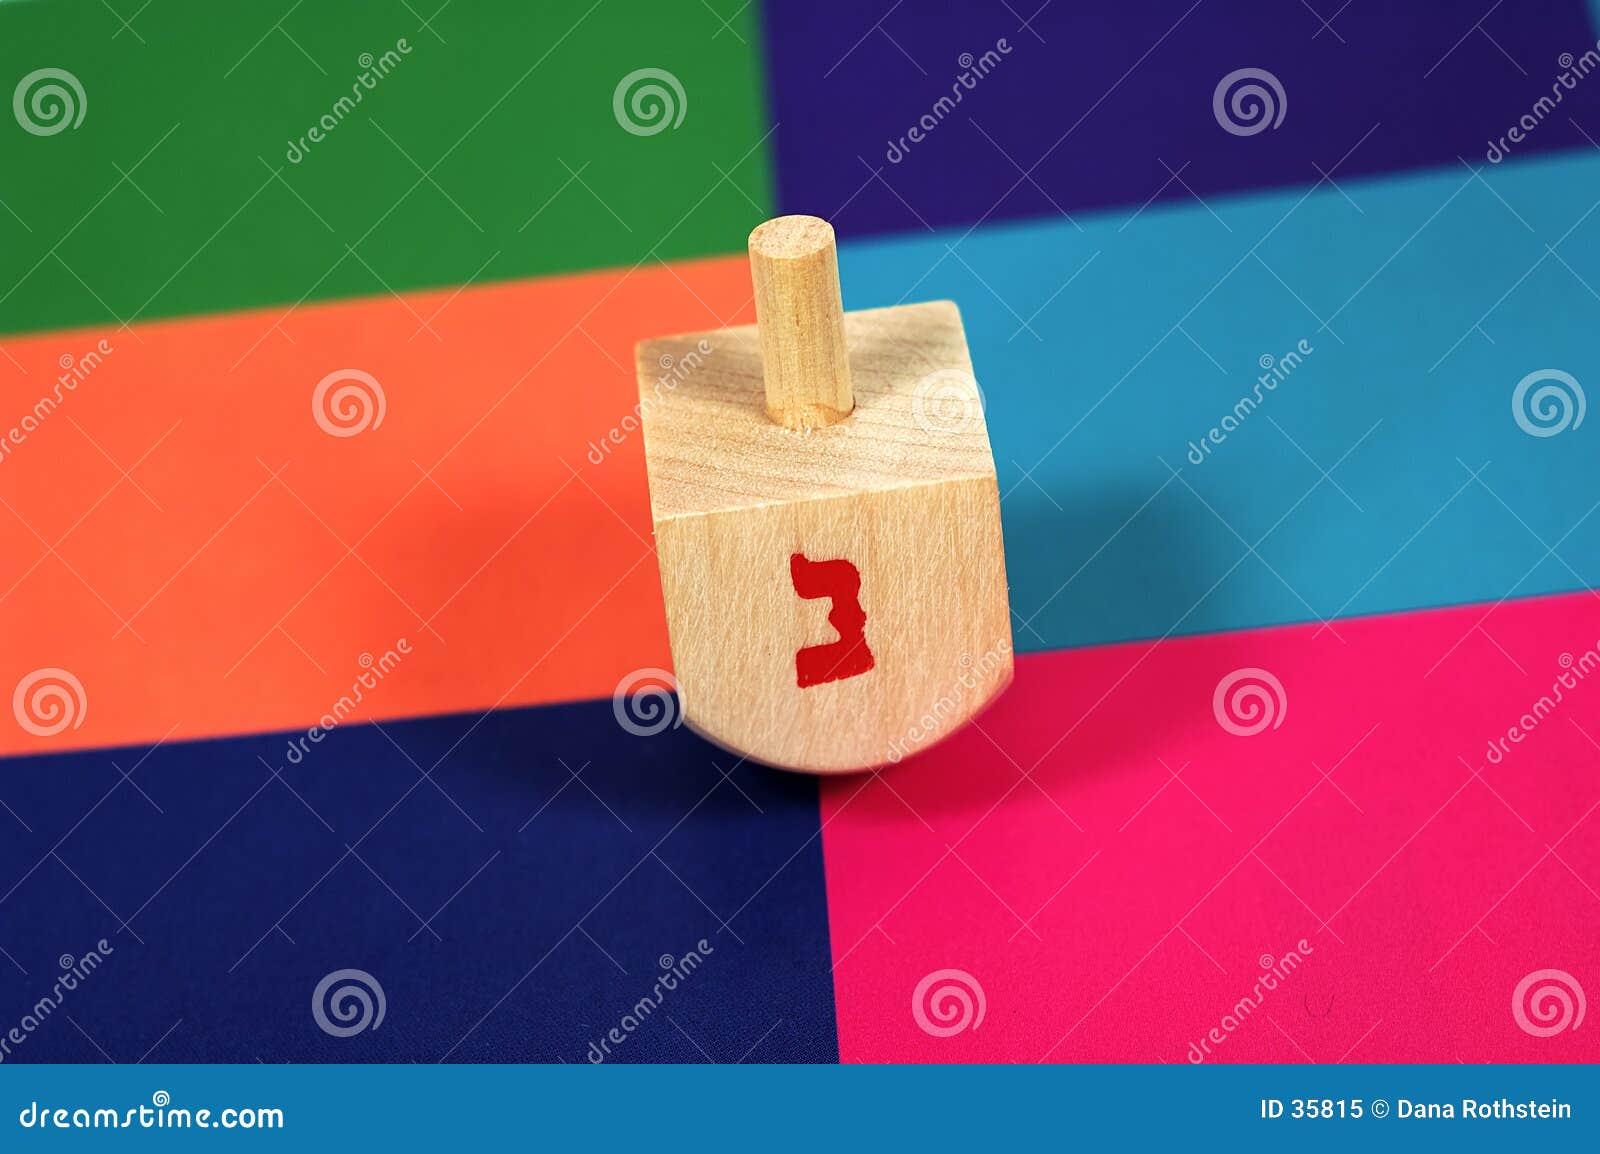 Dreidel de madera